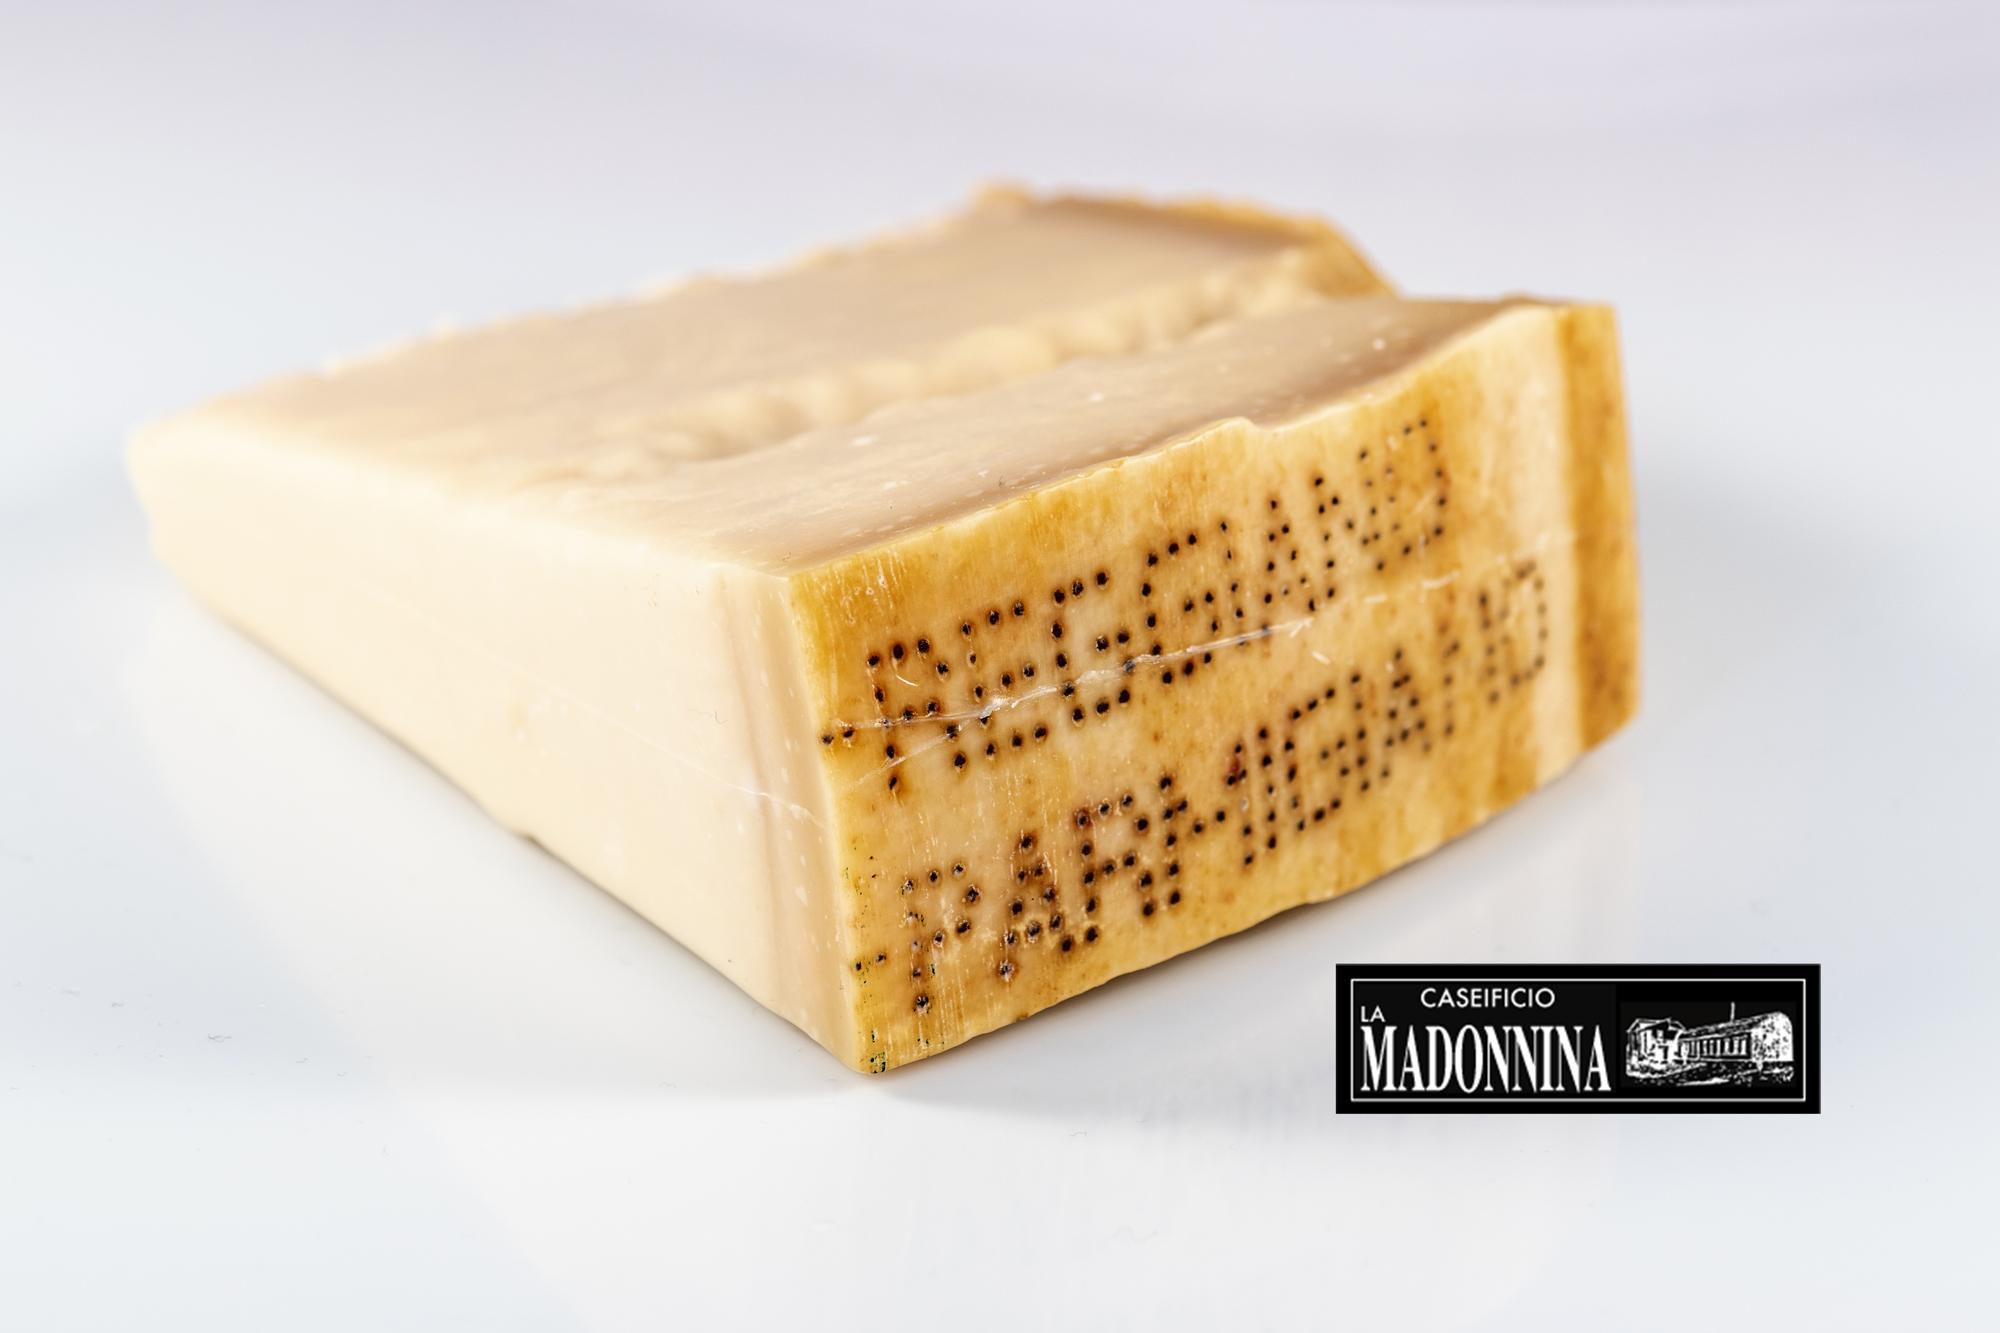 LAVORAZIONE Parmigiano Reggiano, Caseificio La Madonnina